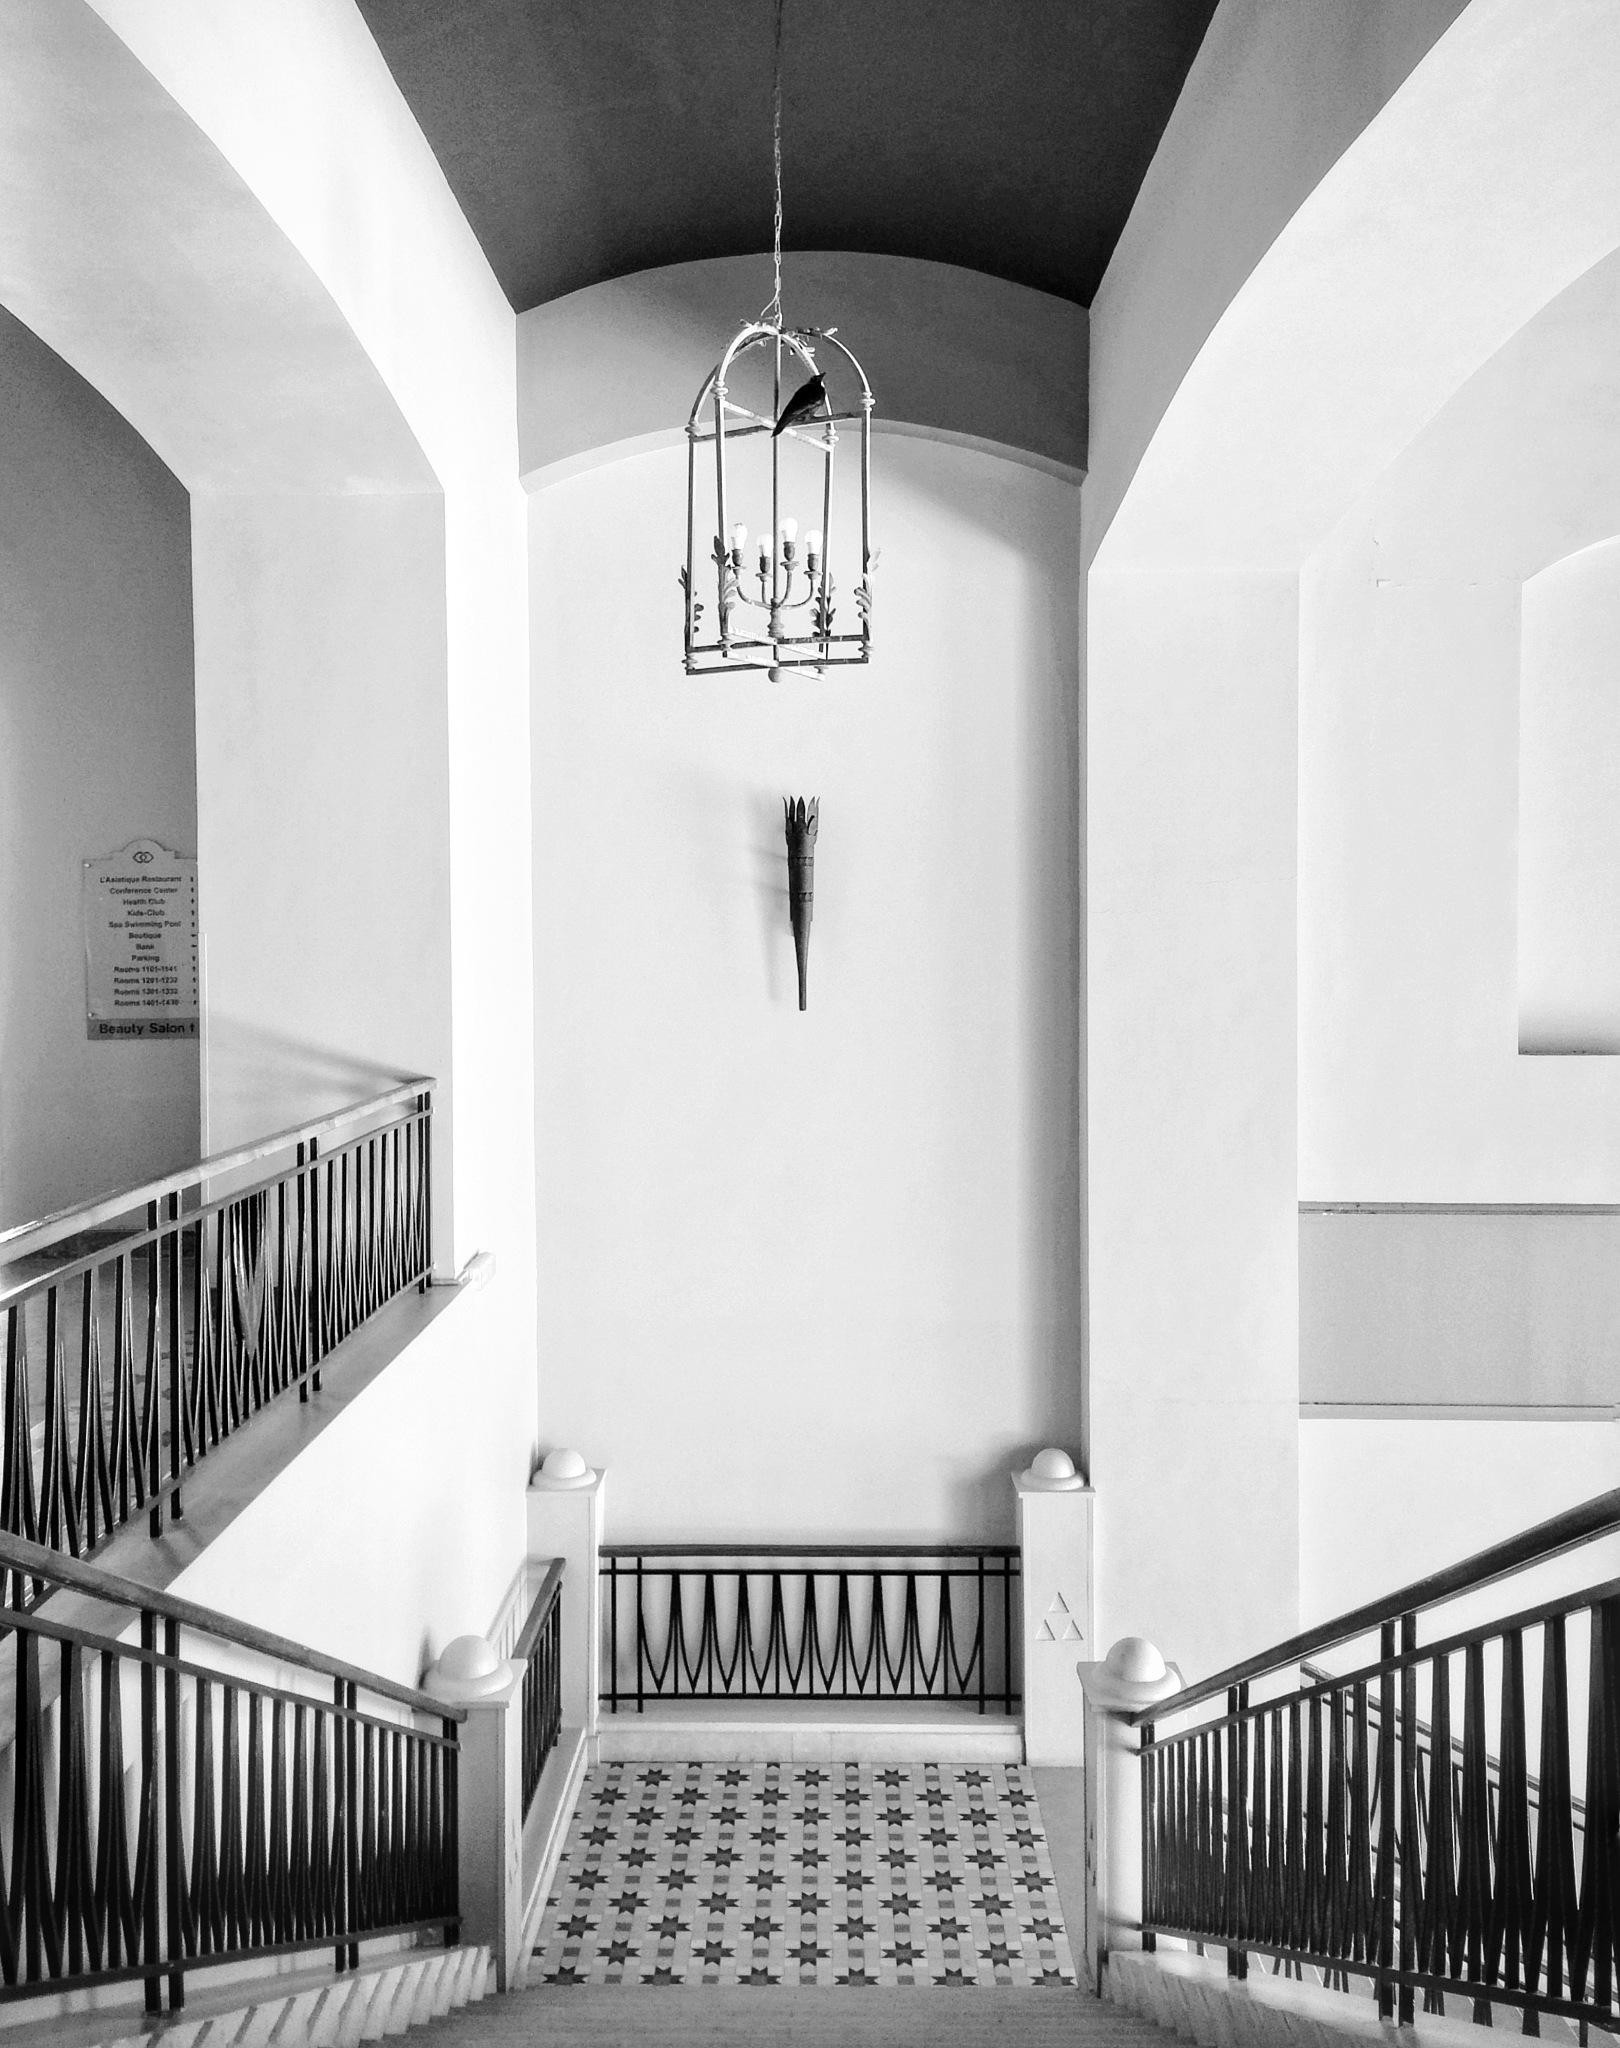 Crow stairs  by AbdulAziz Al-Syouf